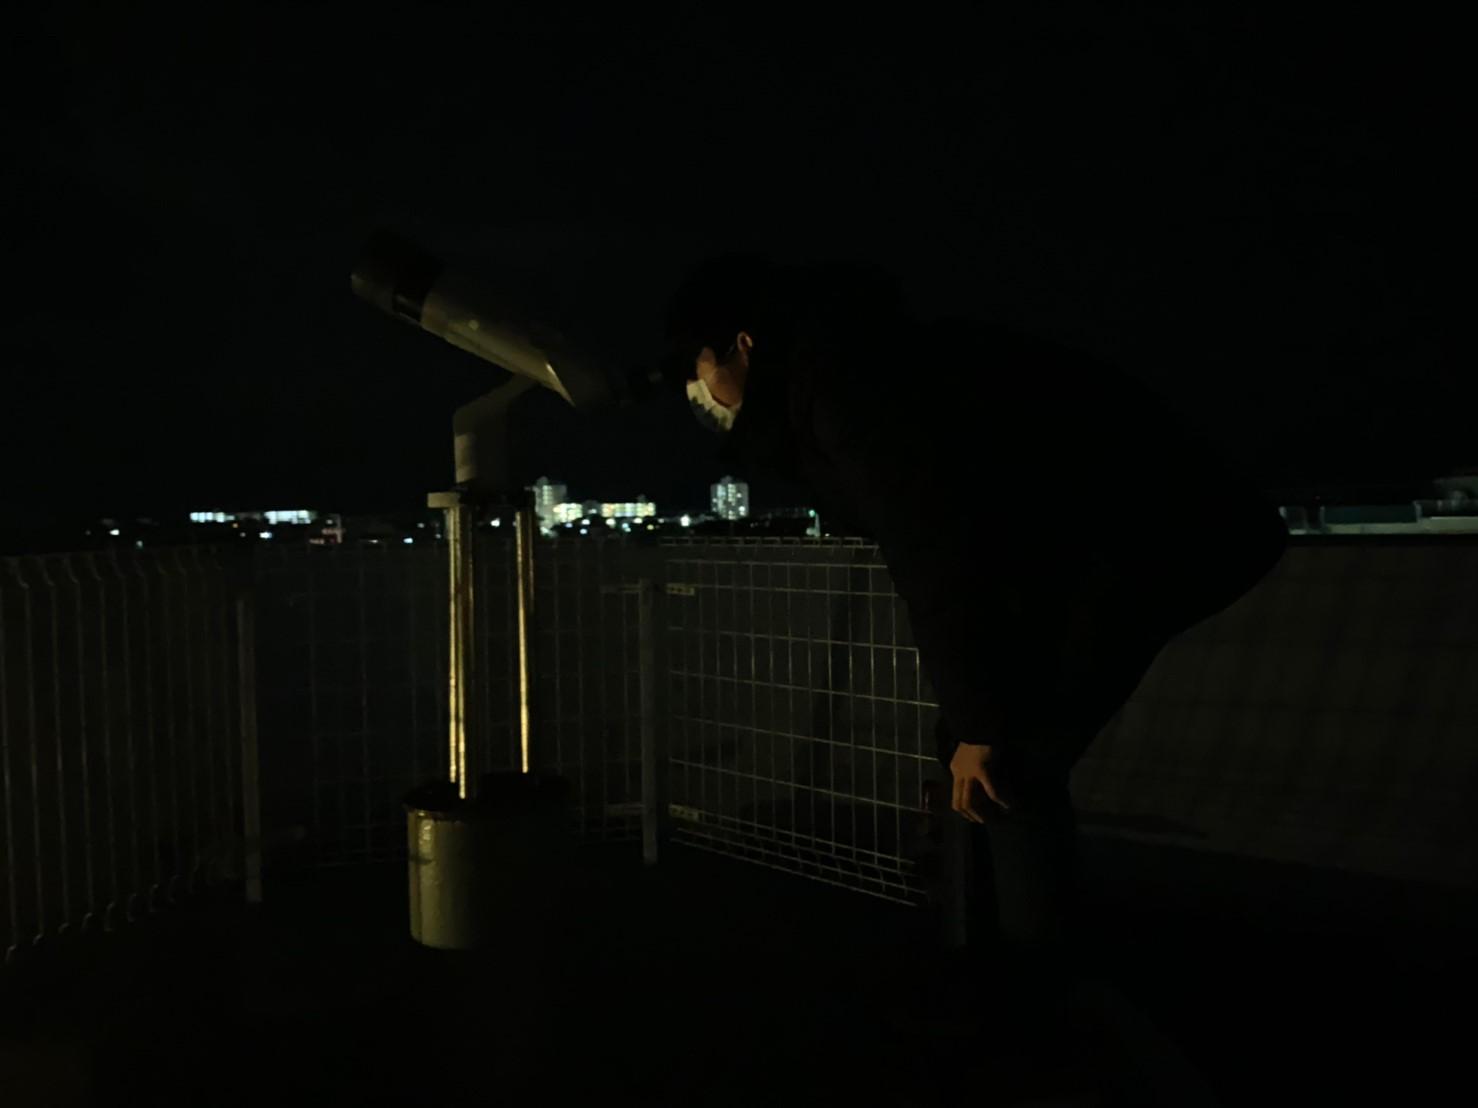 「すばる」をうつす望遠鏡